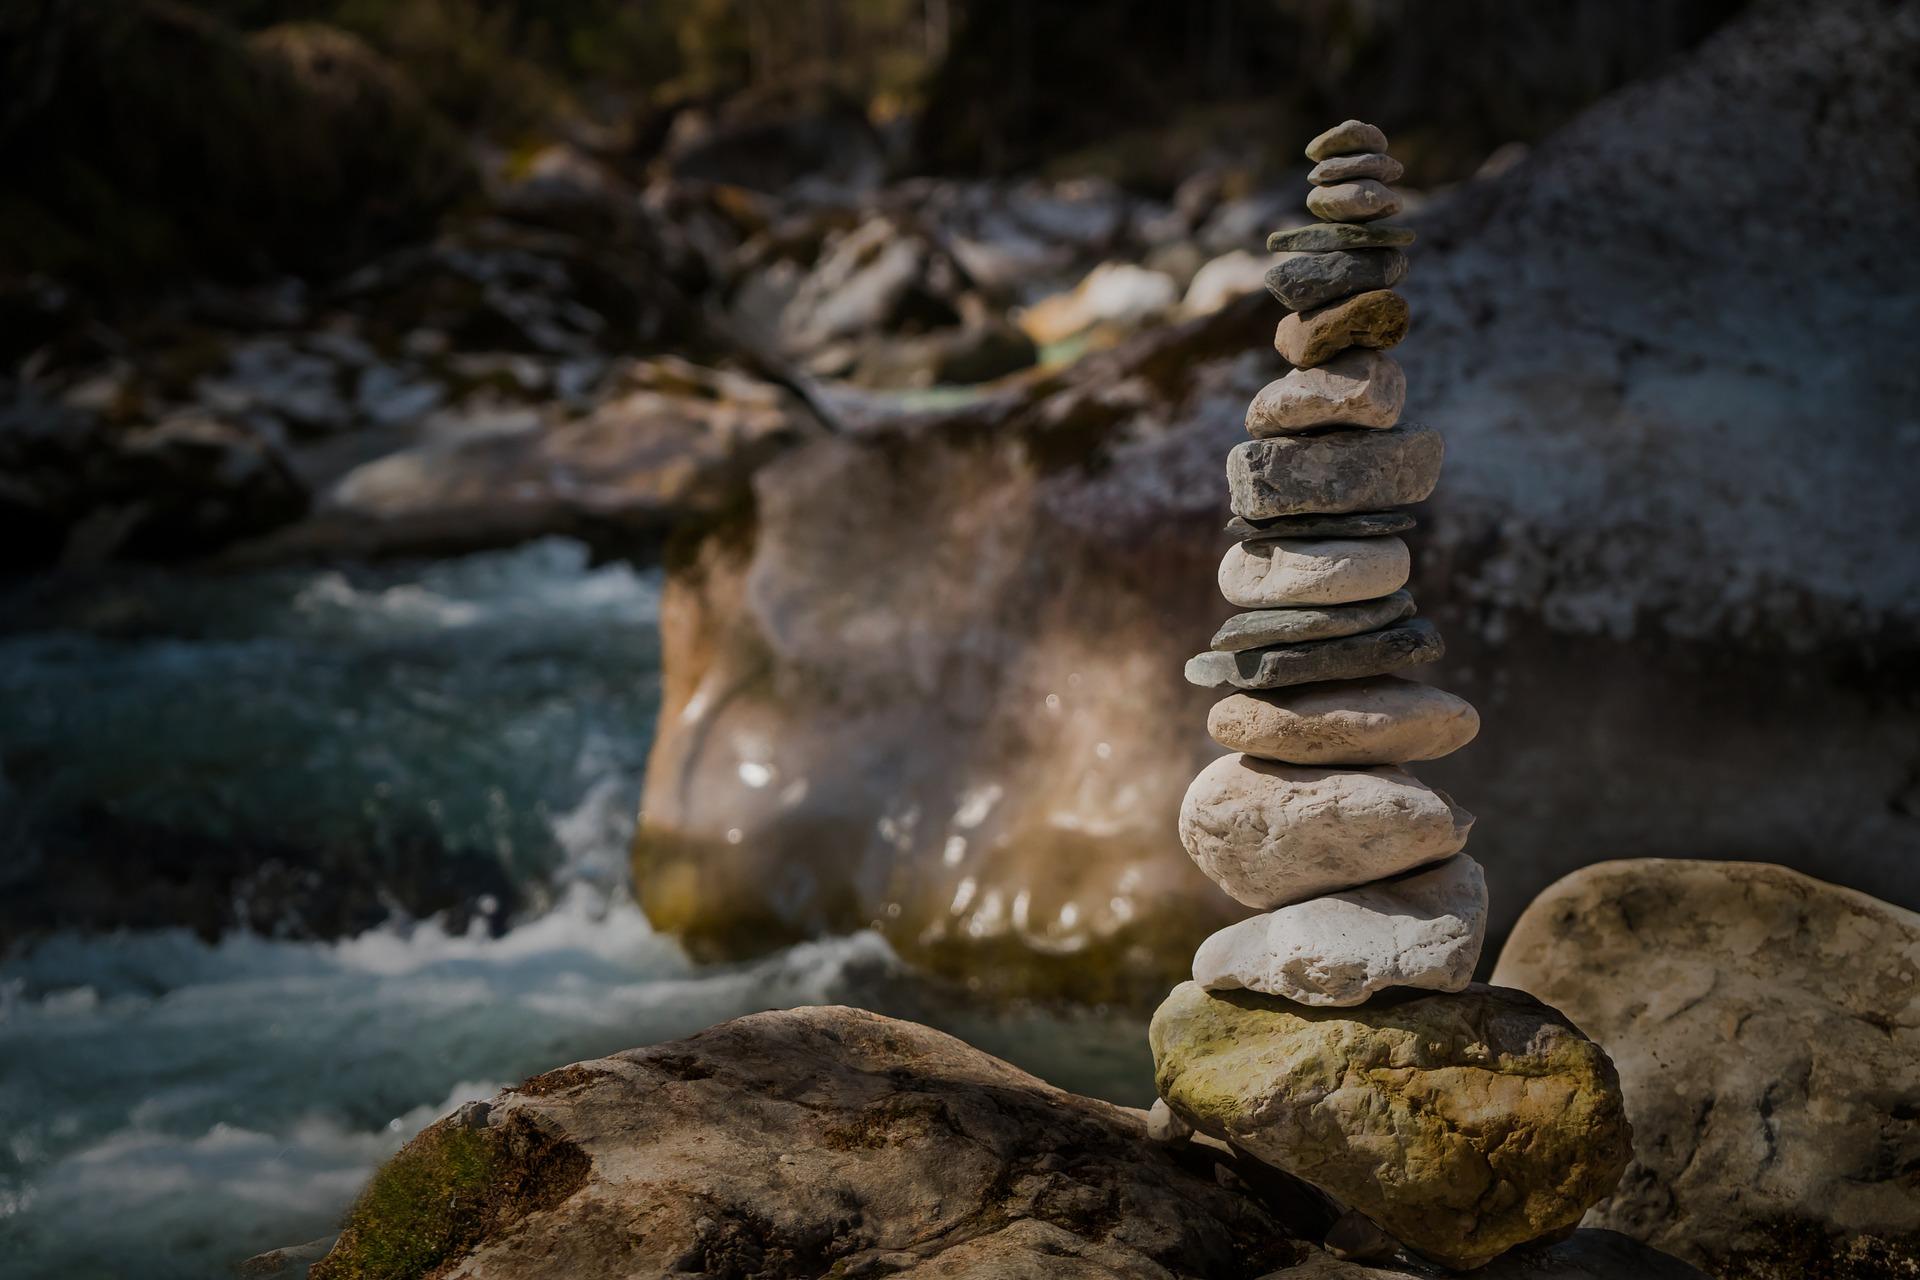 stones-1994691_1920.jpg